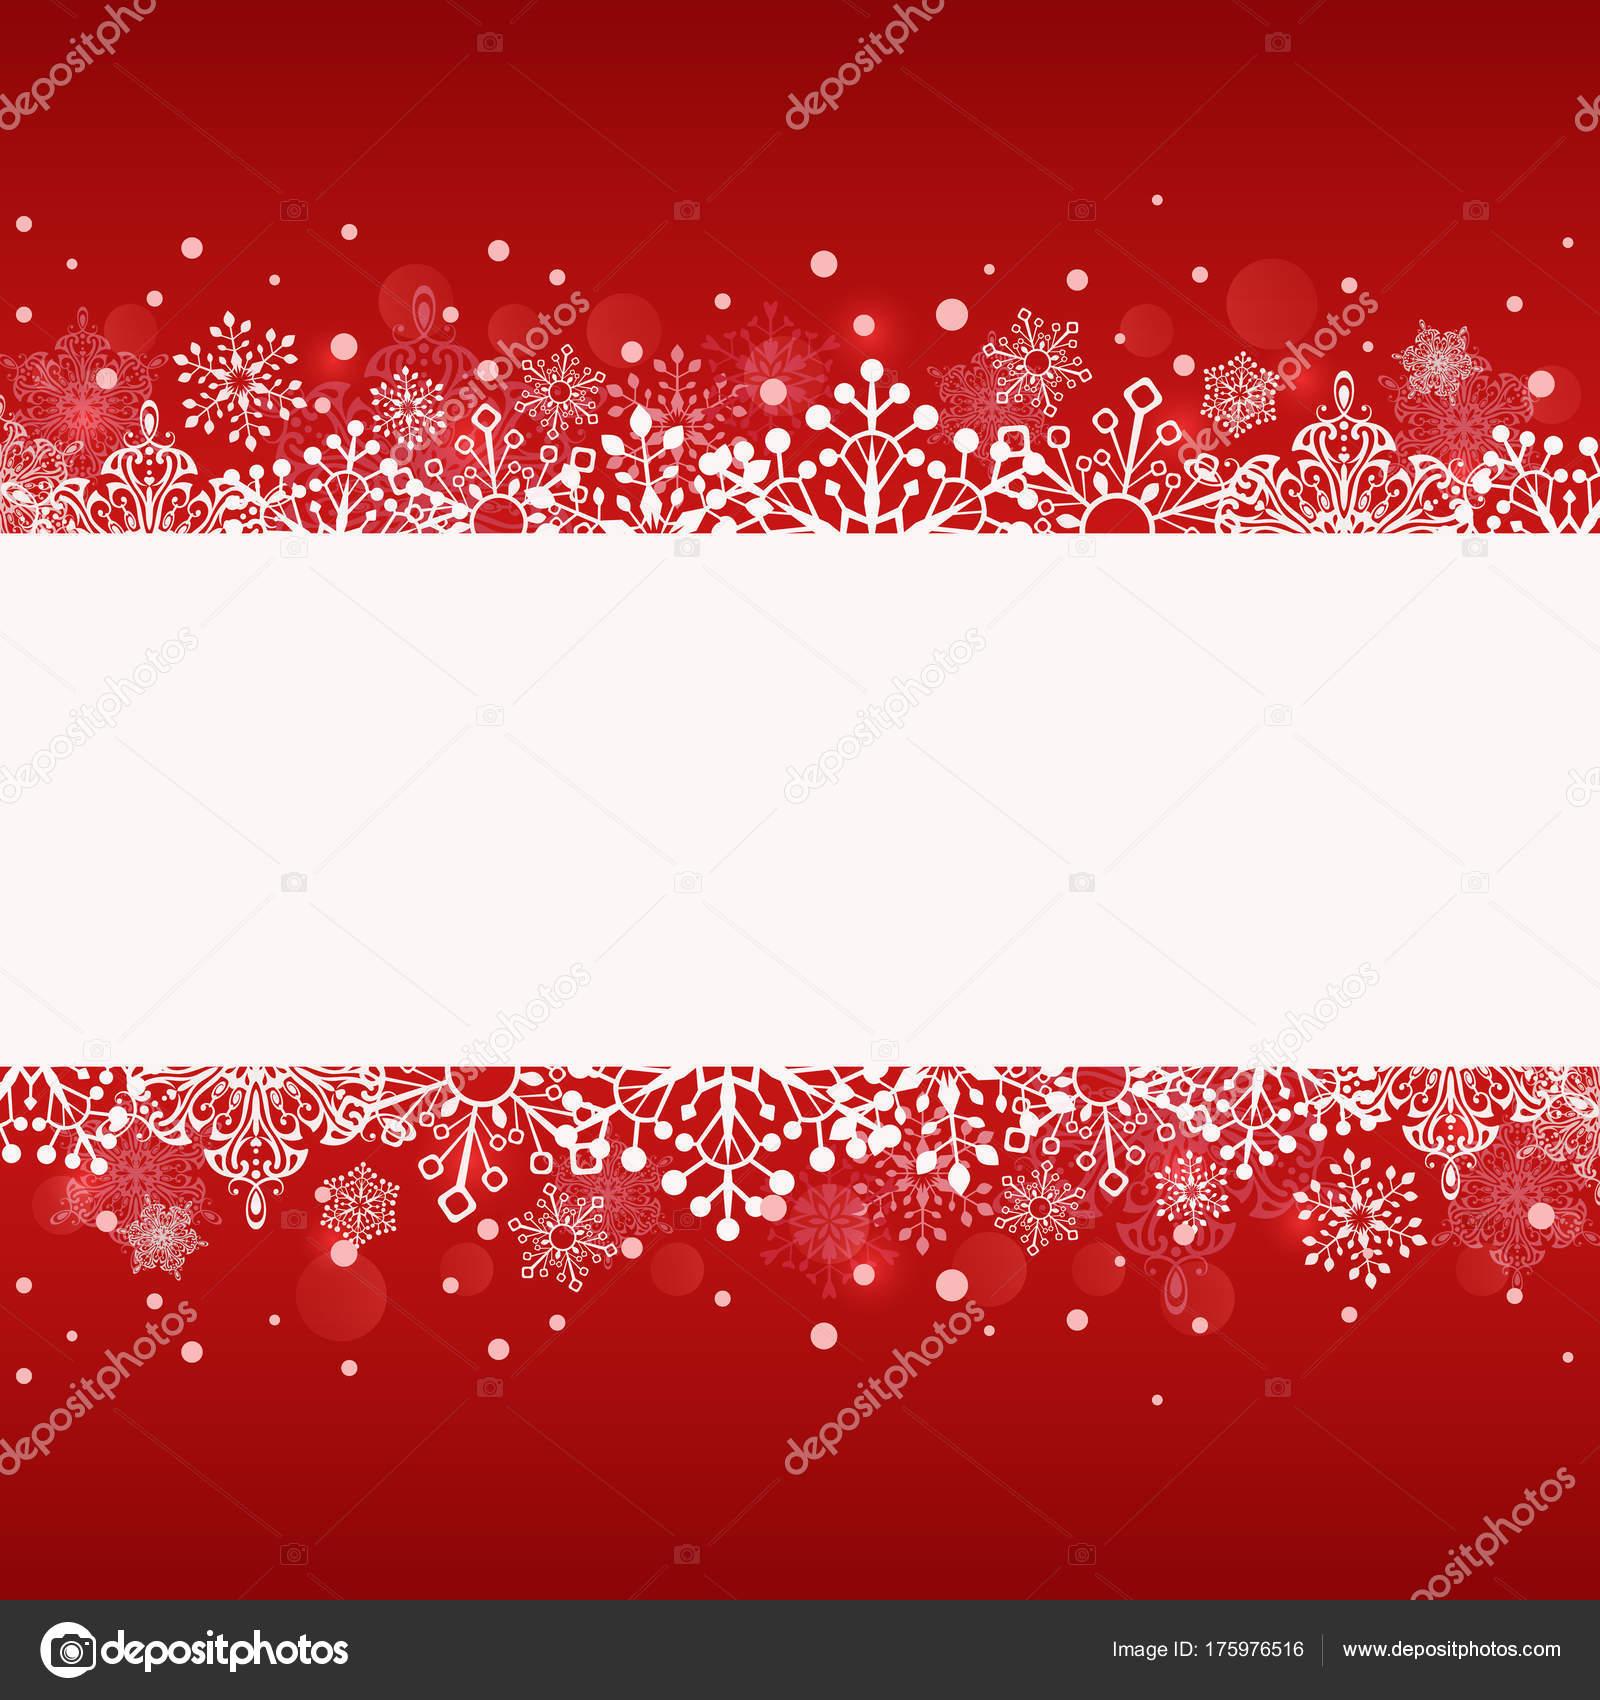 Weihnachten rote Banner mit weißen Textfreiraum — Stockvektor ...